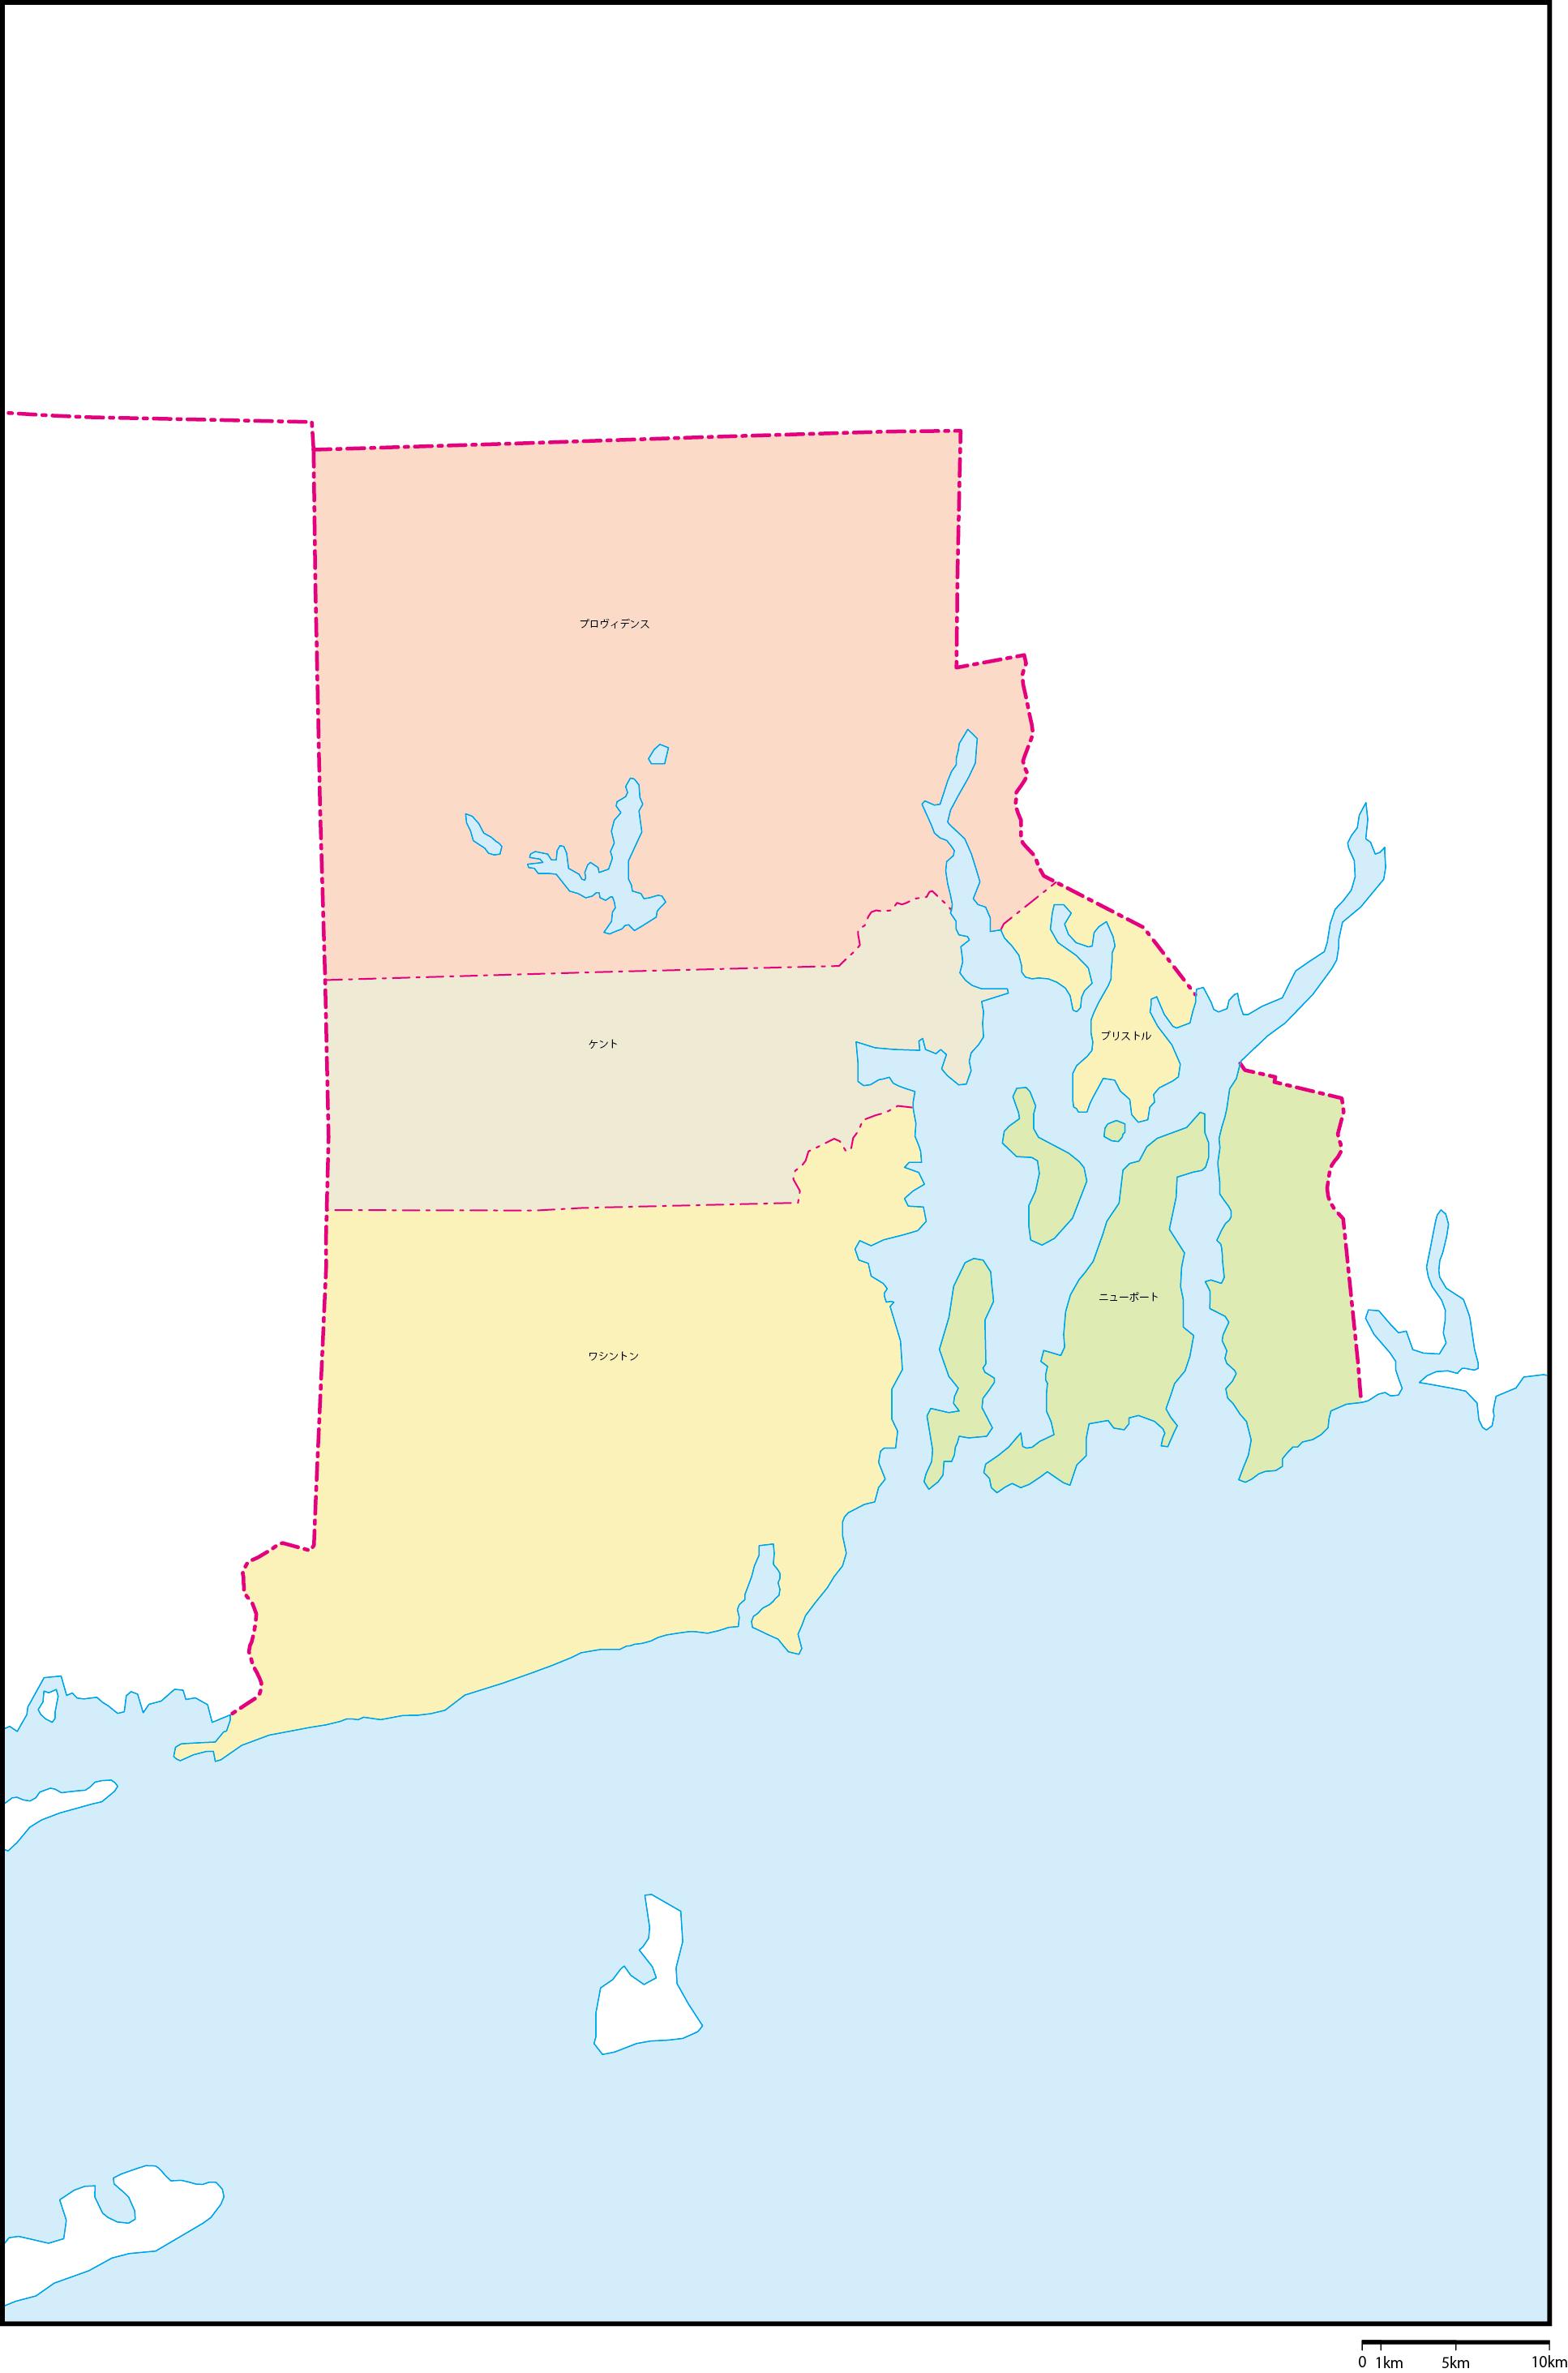 ロードアイランド州郡色分け地図...